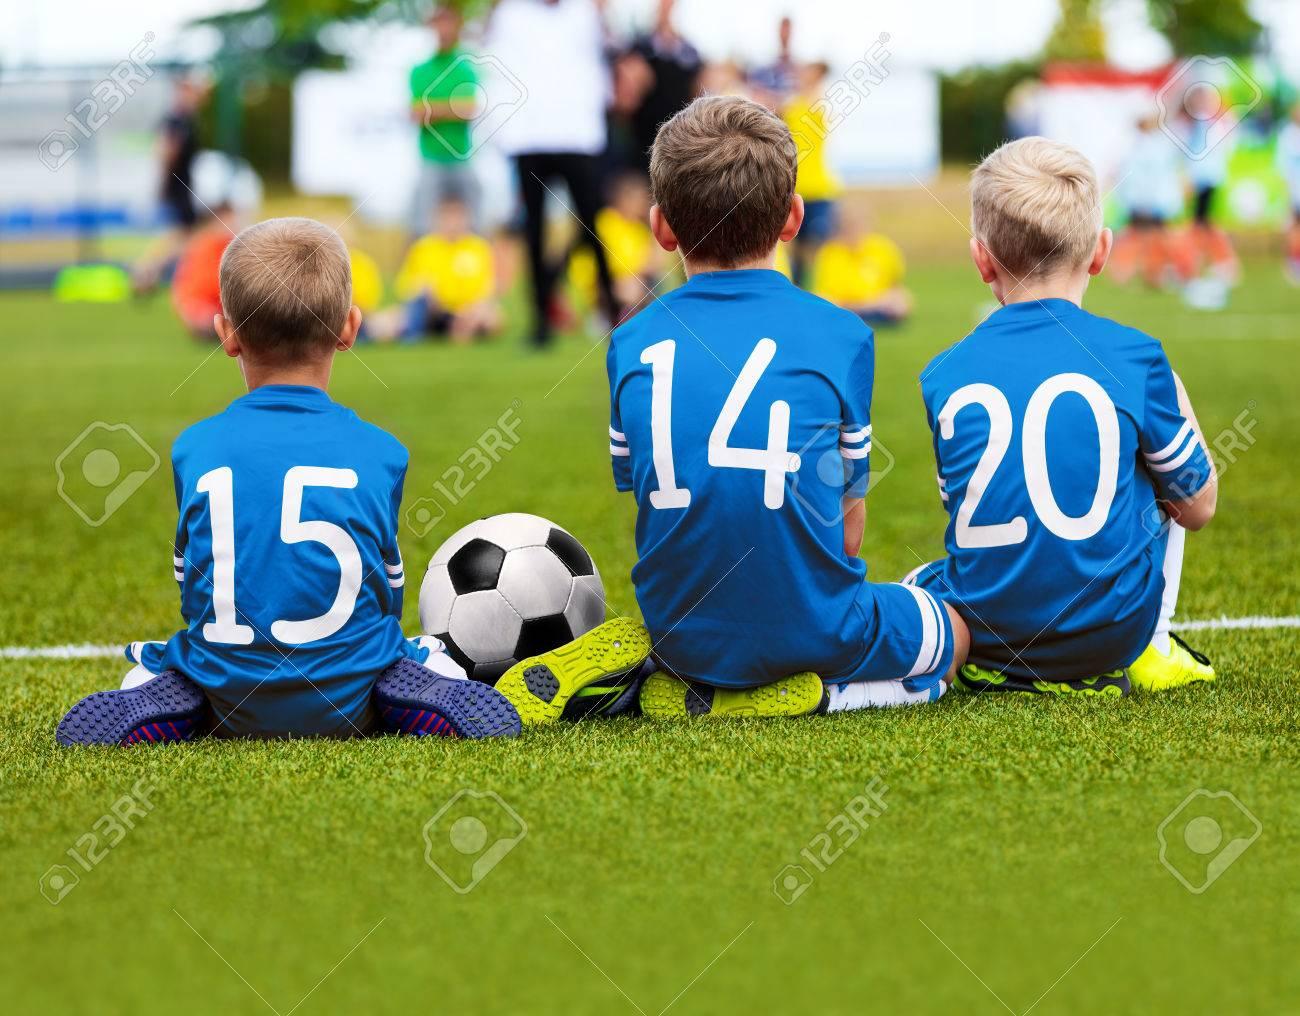 46516a2e3d75f Foto de archivo - Niños en azul ropa deportiva sentado en Soccer Pitch y  viendo fútbol Partido de fútbol. Torneo de Fútbol de niños.